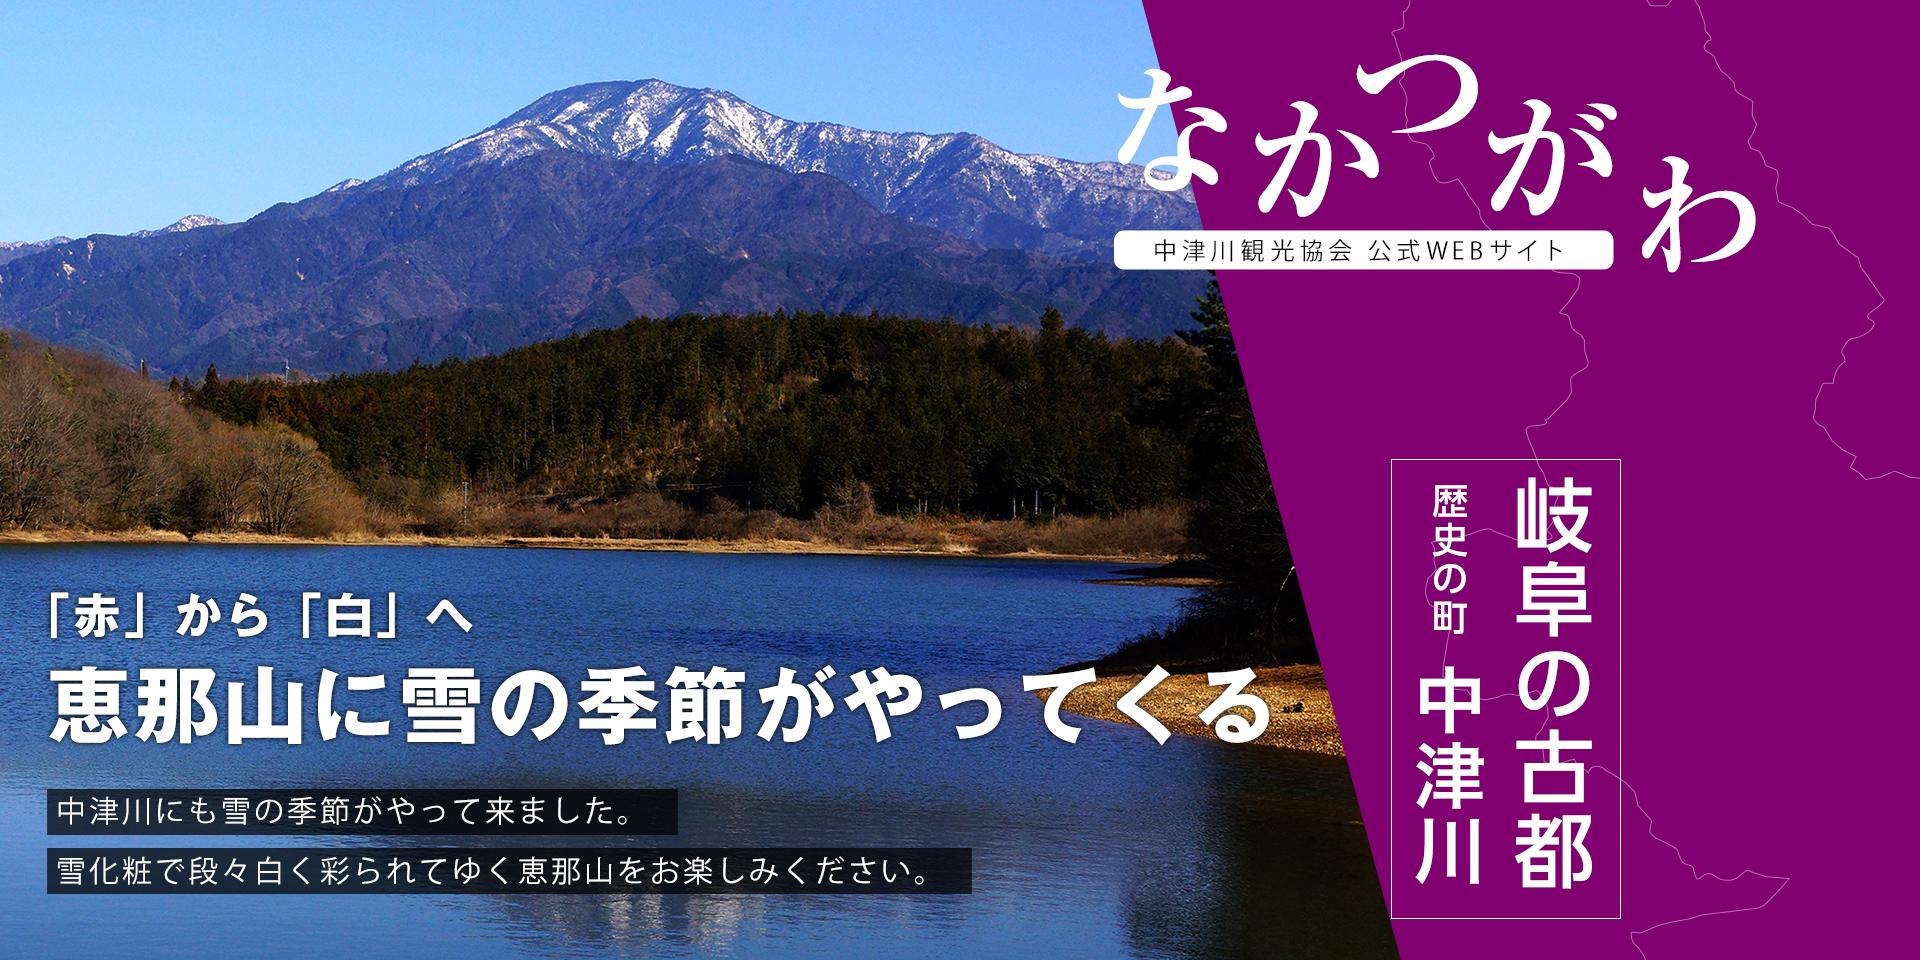 恵那山に雪の季節がやってきました